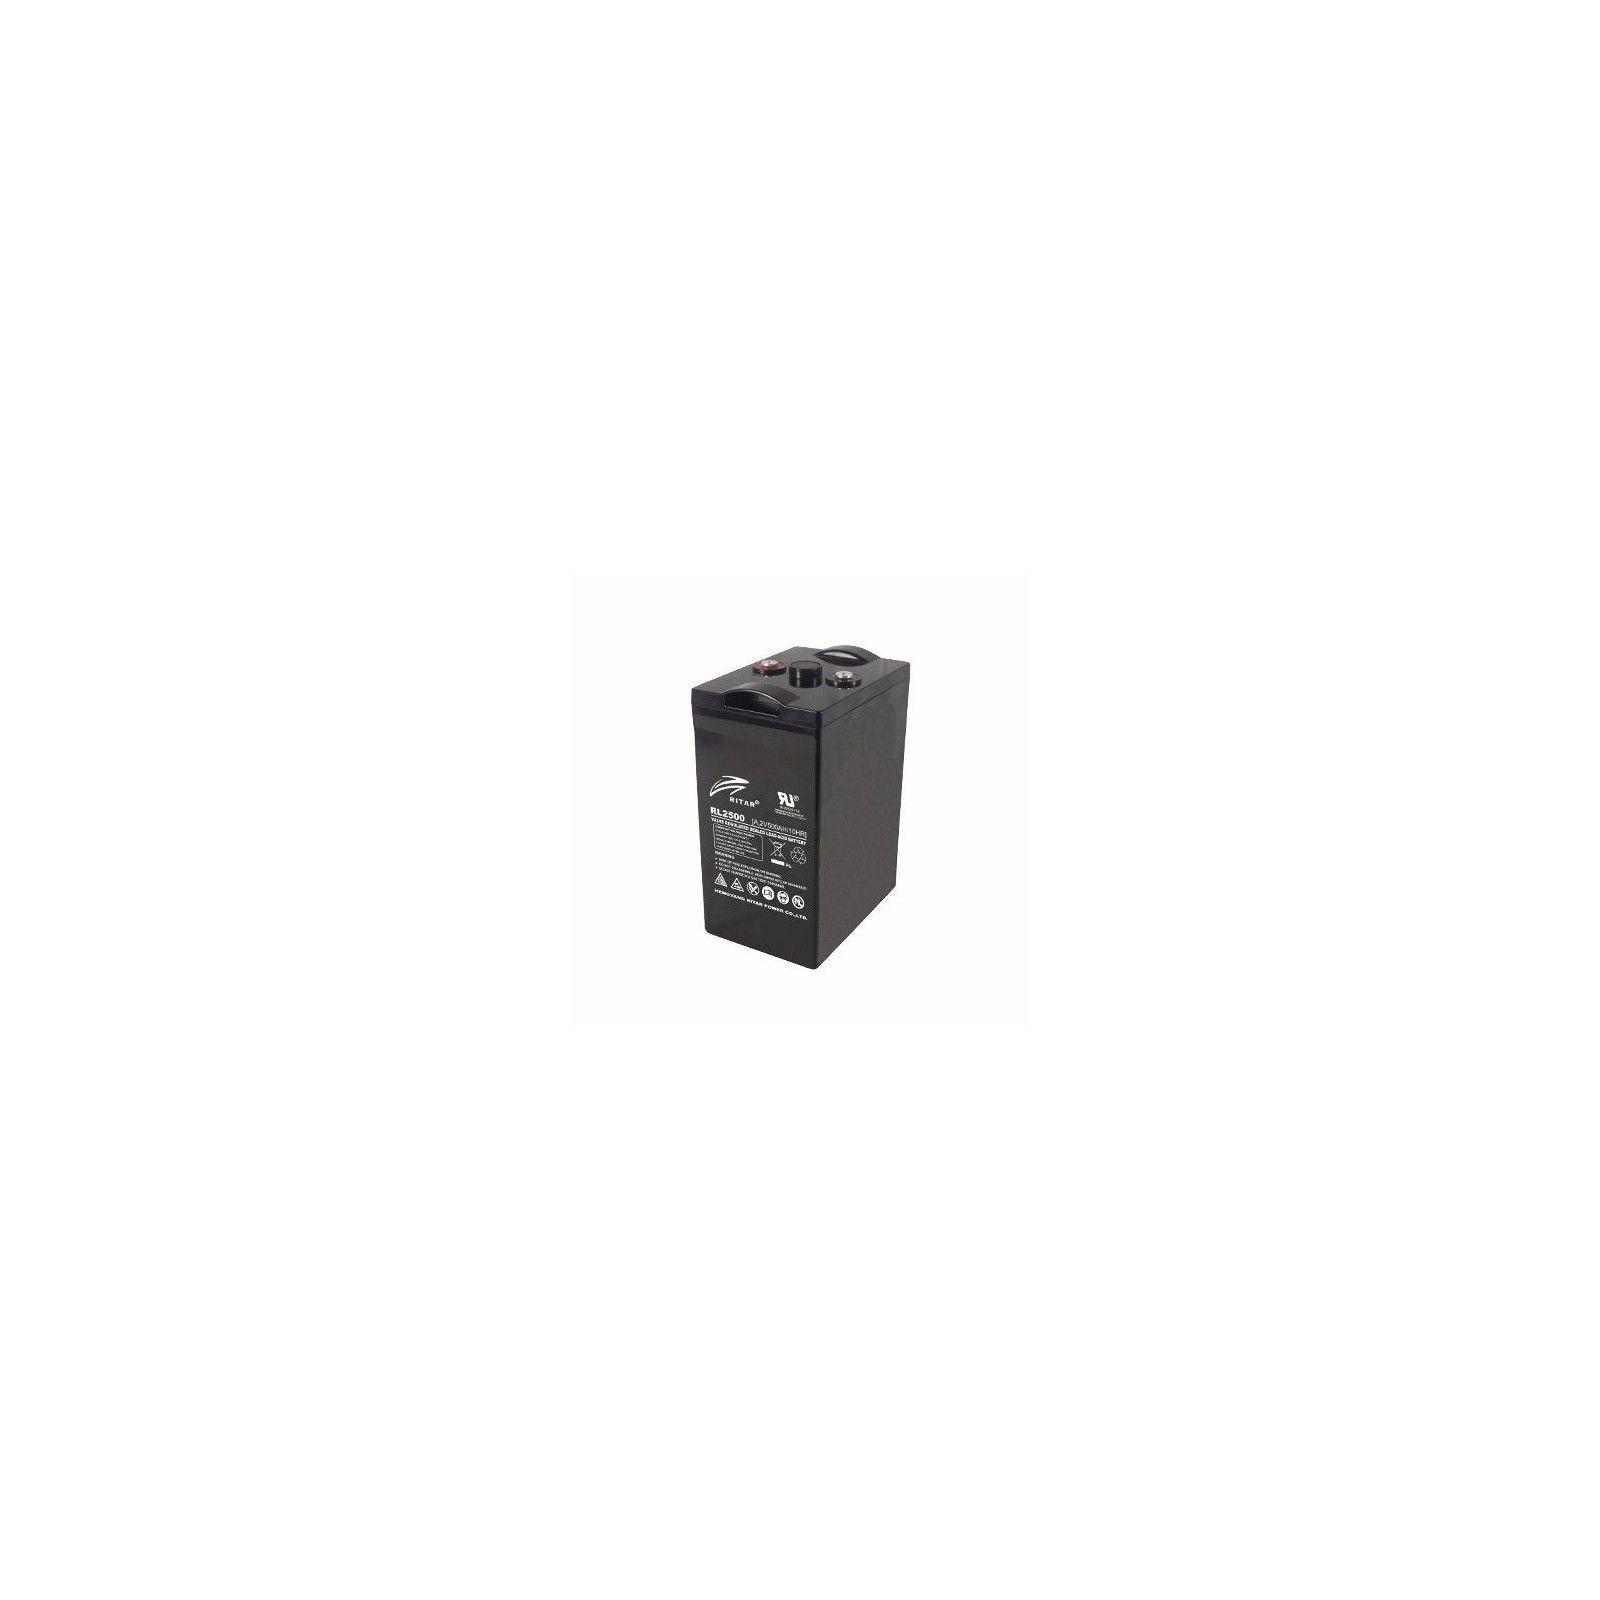 Batería Ritar RL21500 1500Ah 2V Rl RITAR - 1